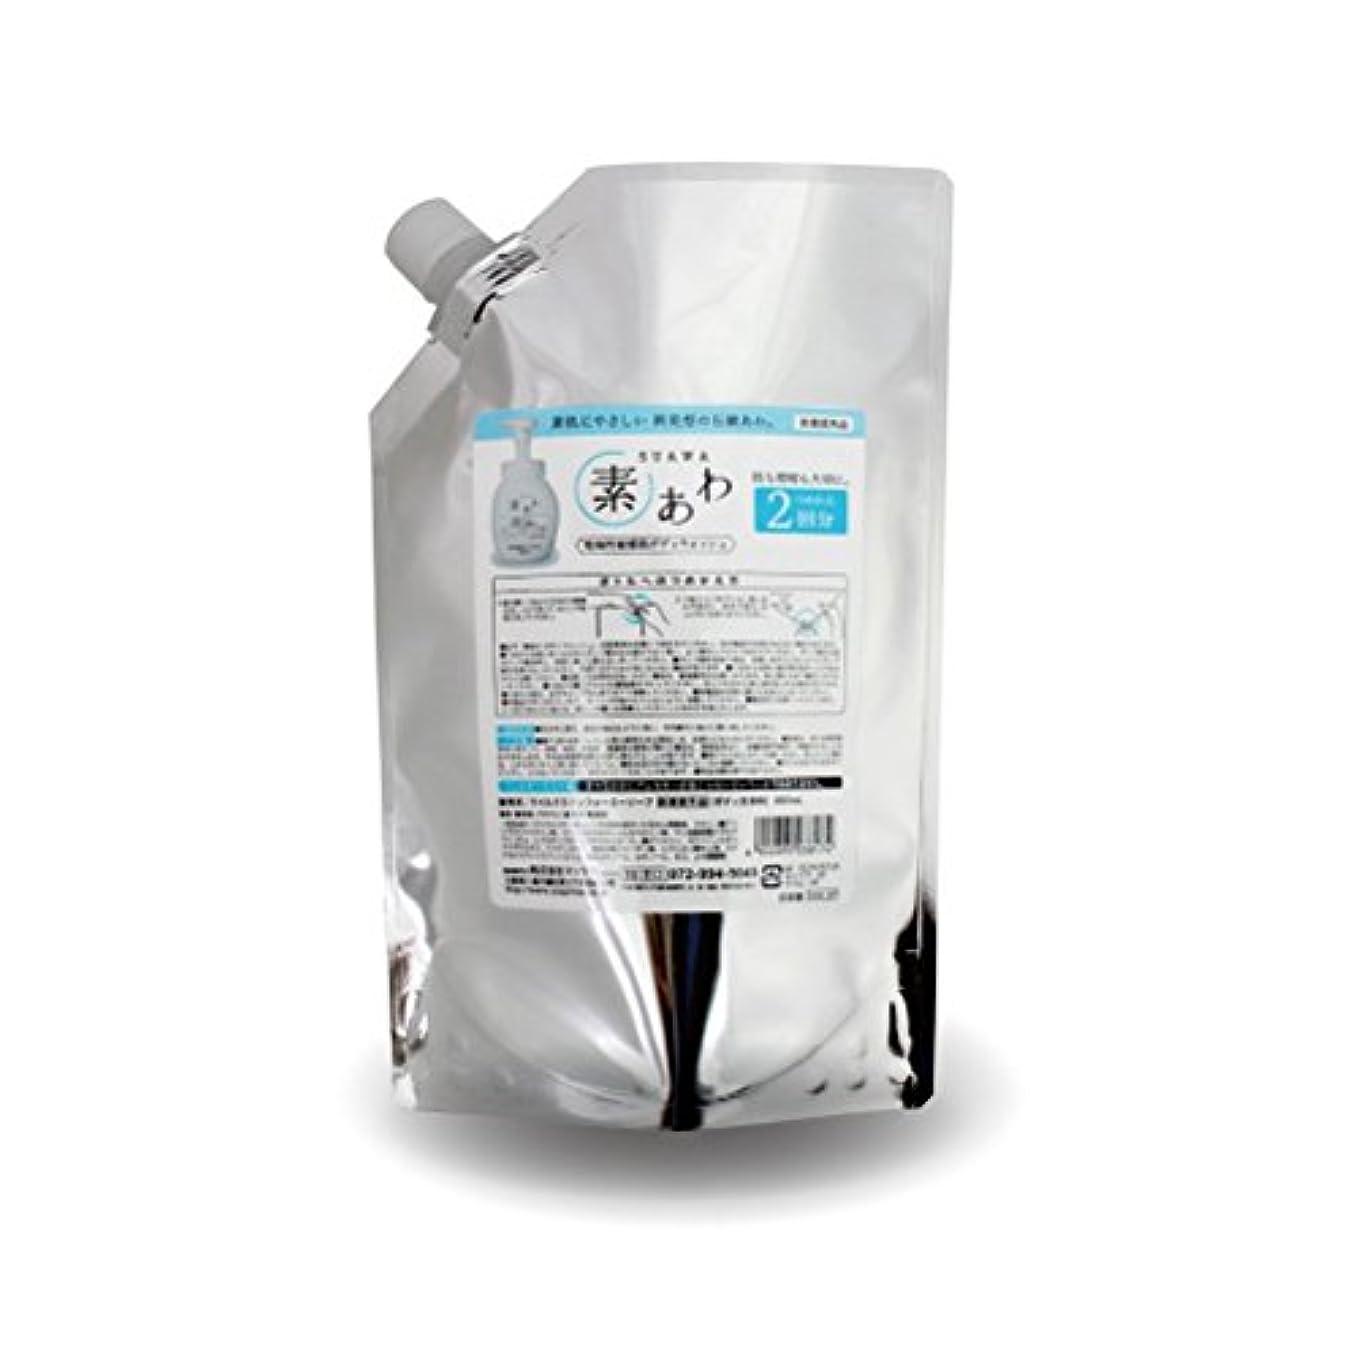 リズム代理人先行する薬用 素あわ 泡タイプ ボディソープ 詰替2回分パウチ 800mL 乾 燥 肌 ? 敏 感 肌 に